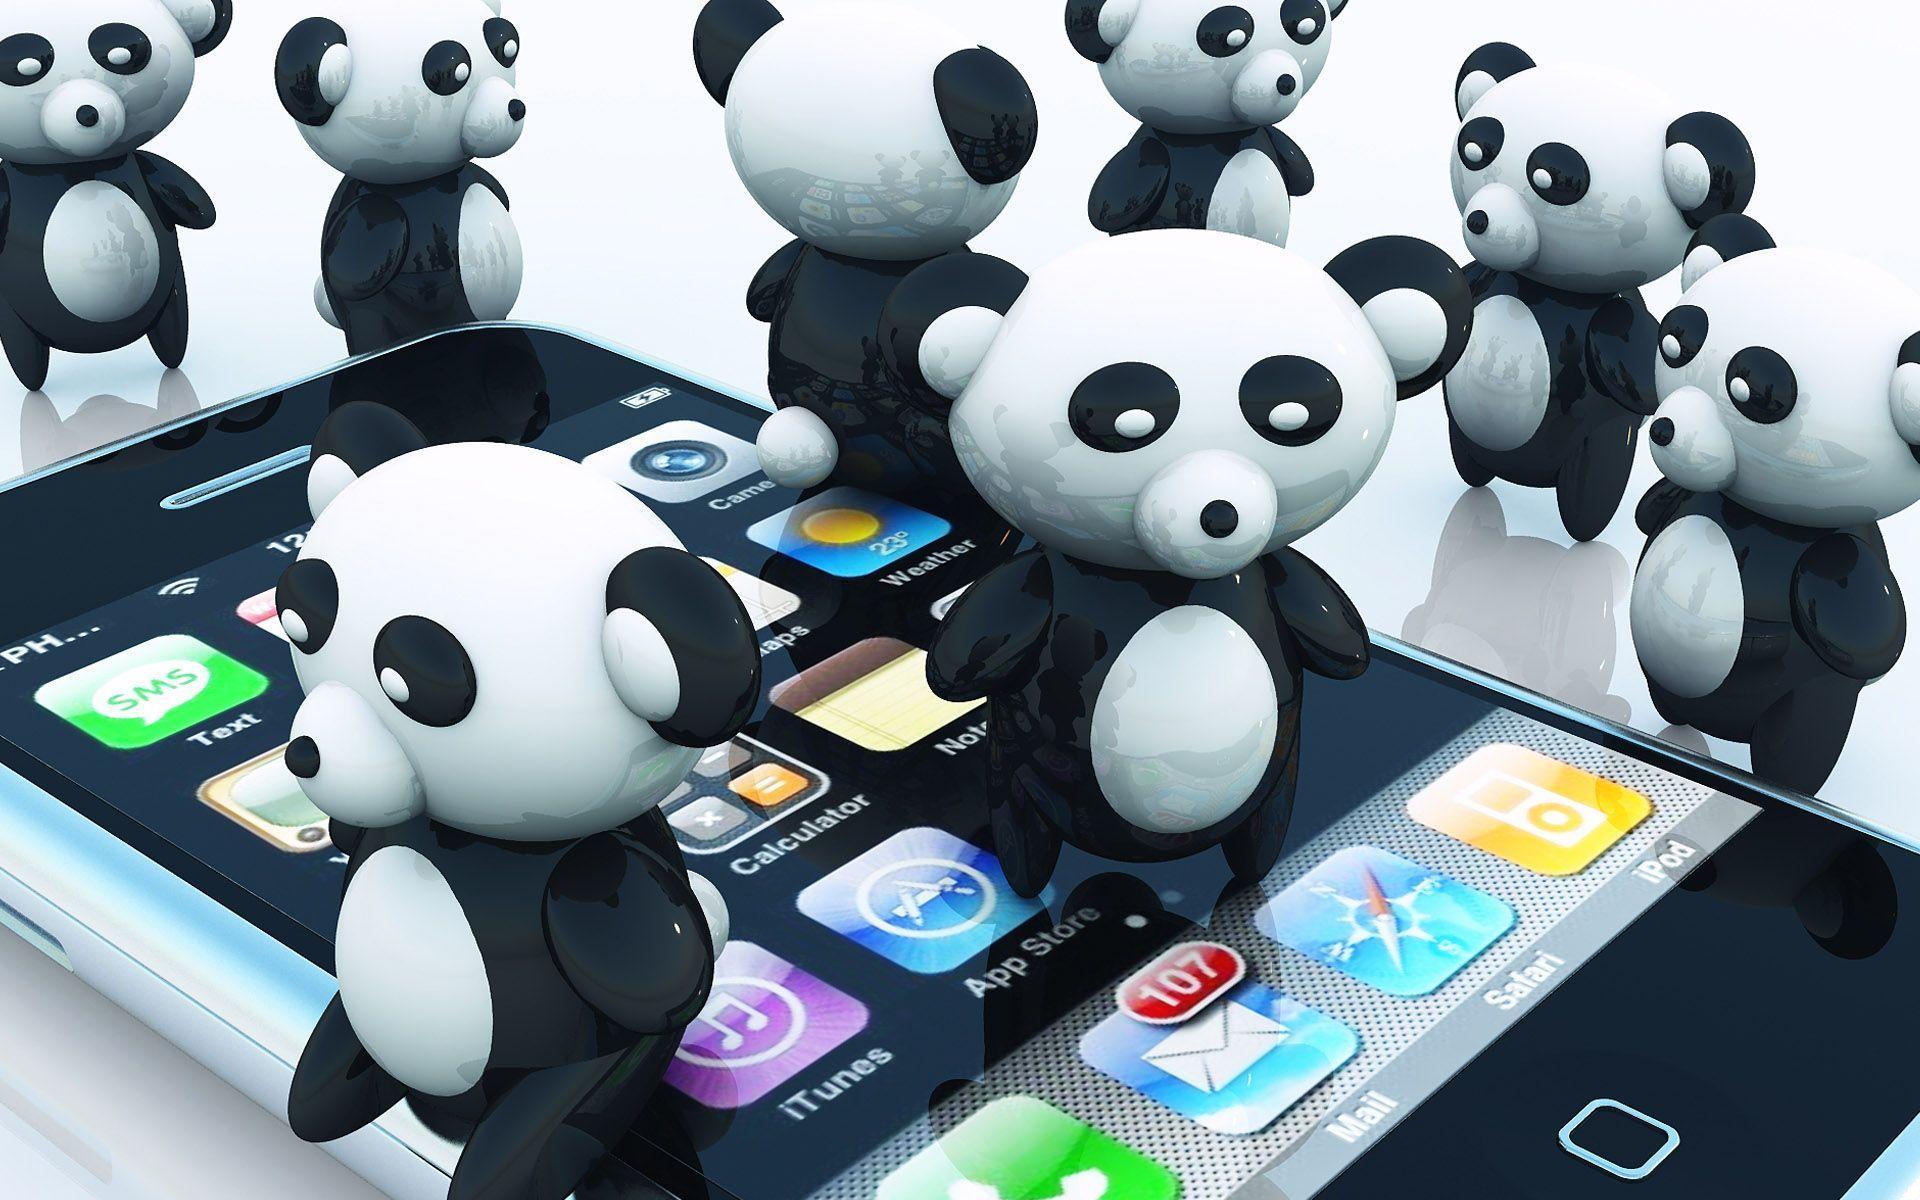 Giant Pandas Cartoon Wallpapers